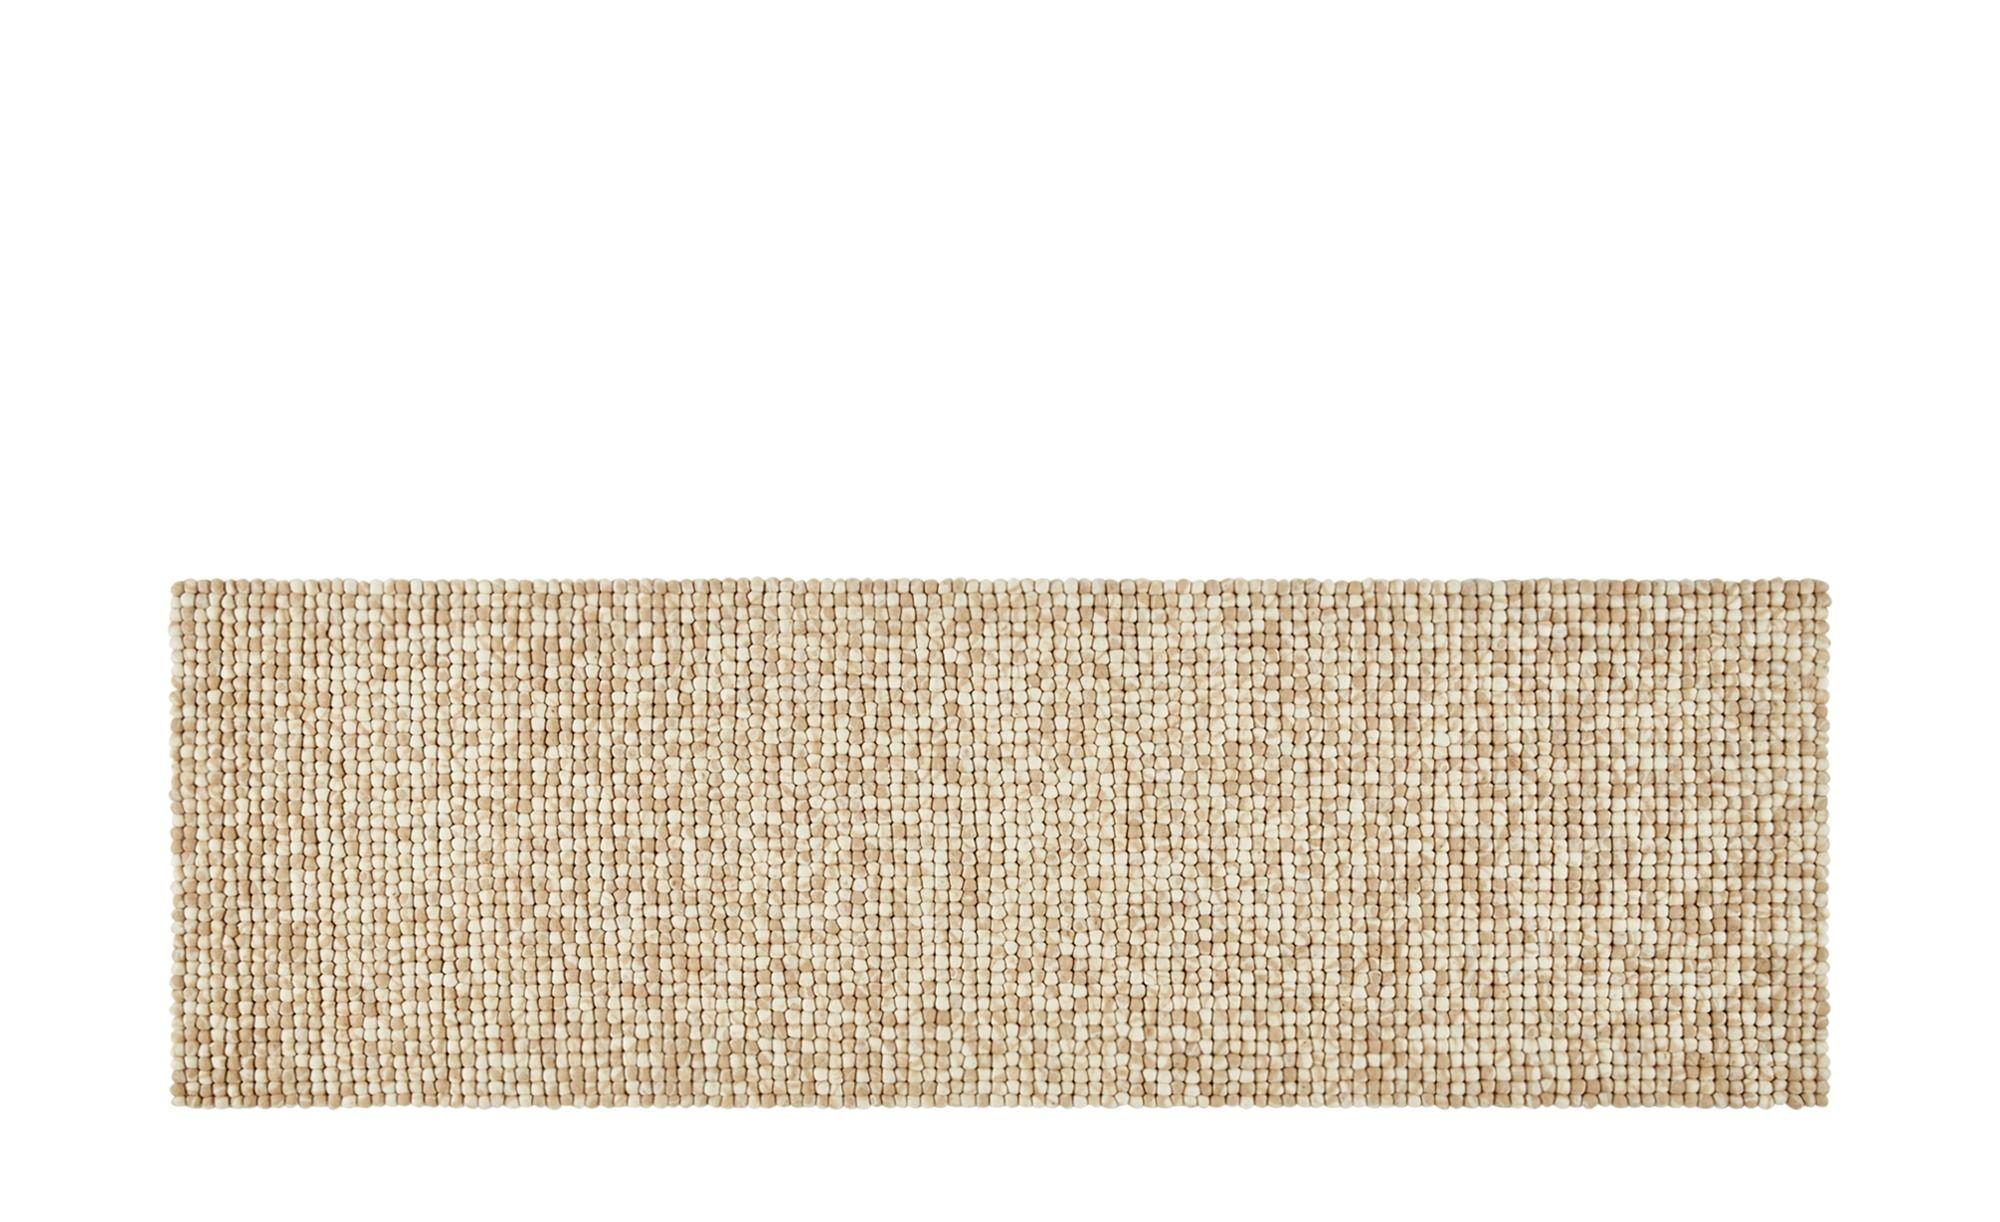 teppich hochflor 200 x 300 teppichboden meterware